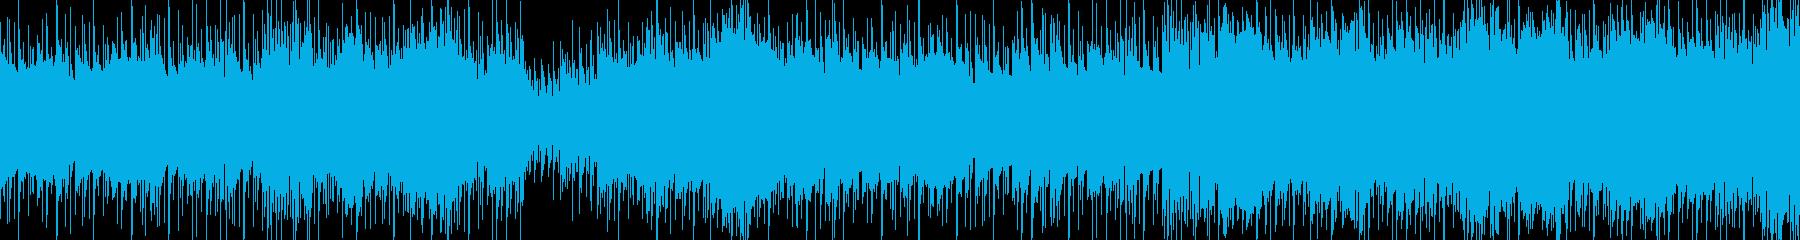 クールな雰囲気のTRAP MUSICす。の再生済みの波形